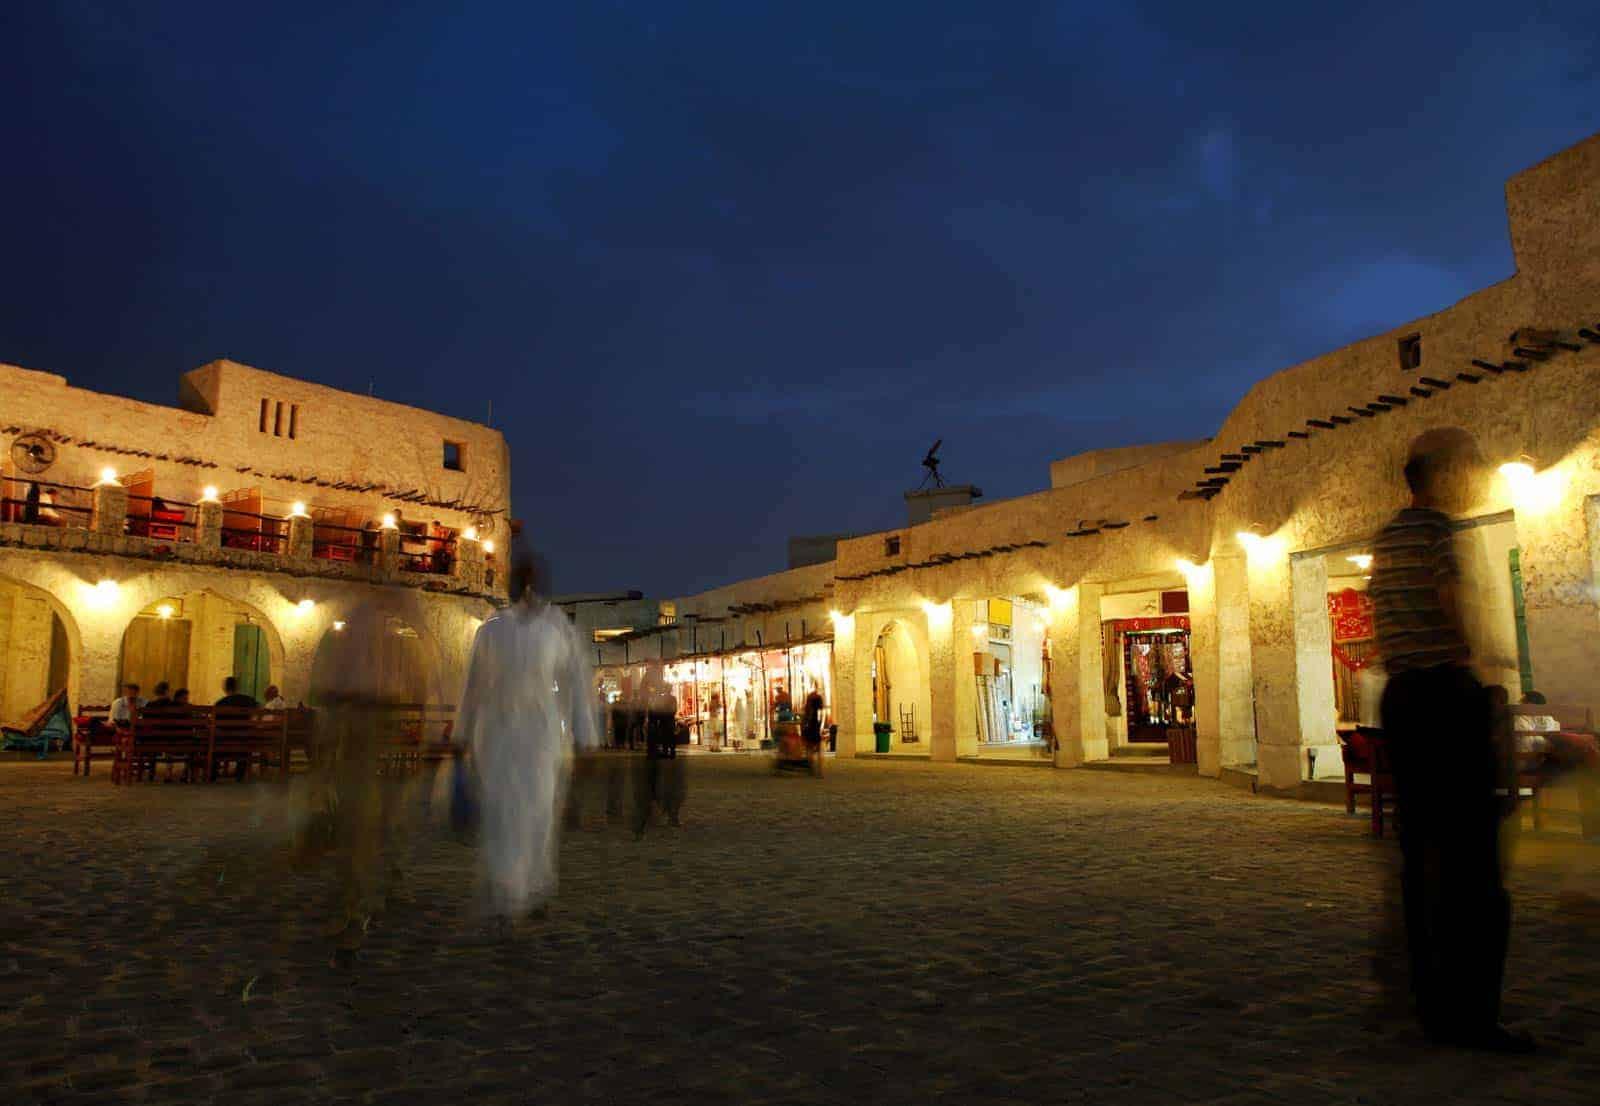 Mercado em Doha, Qatar